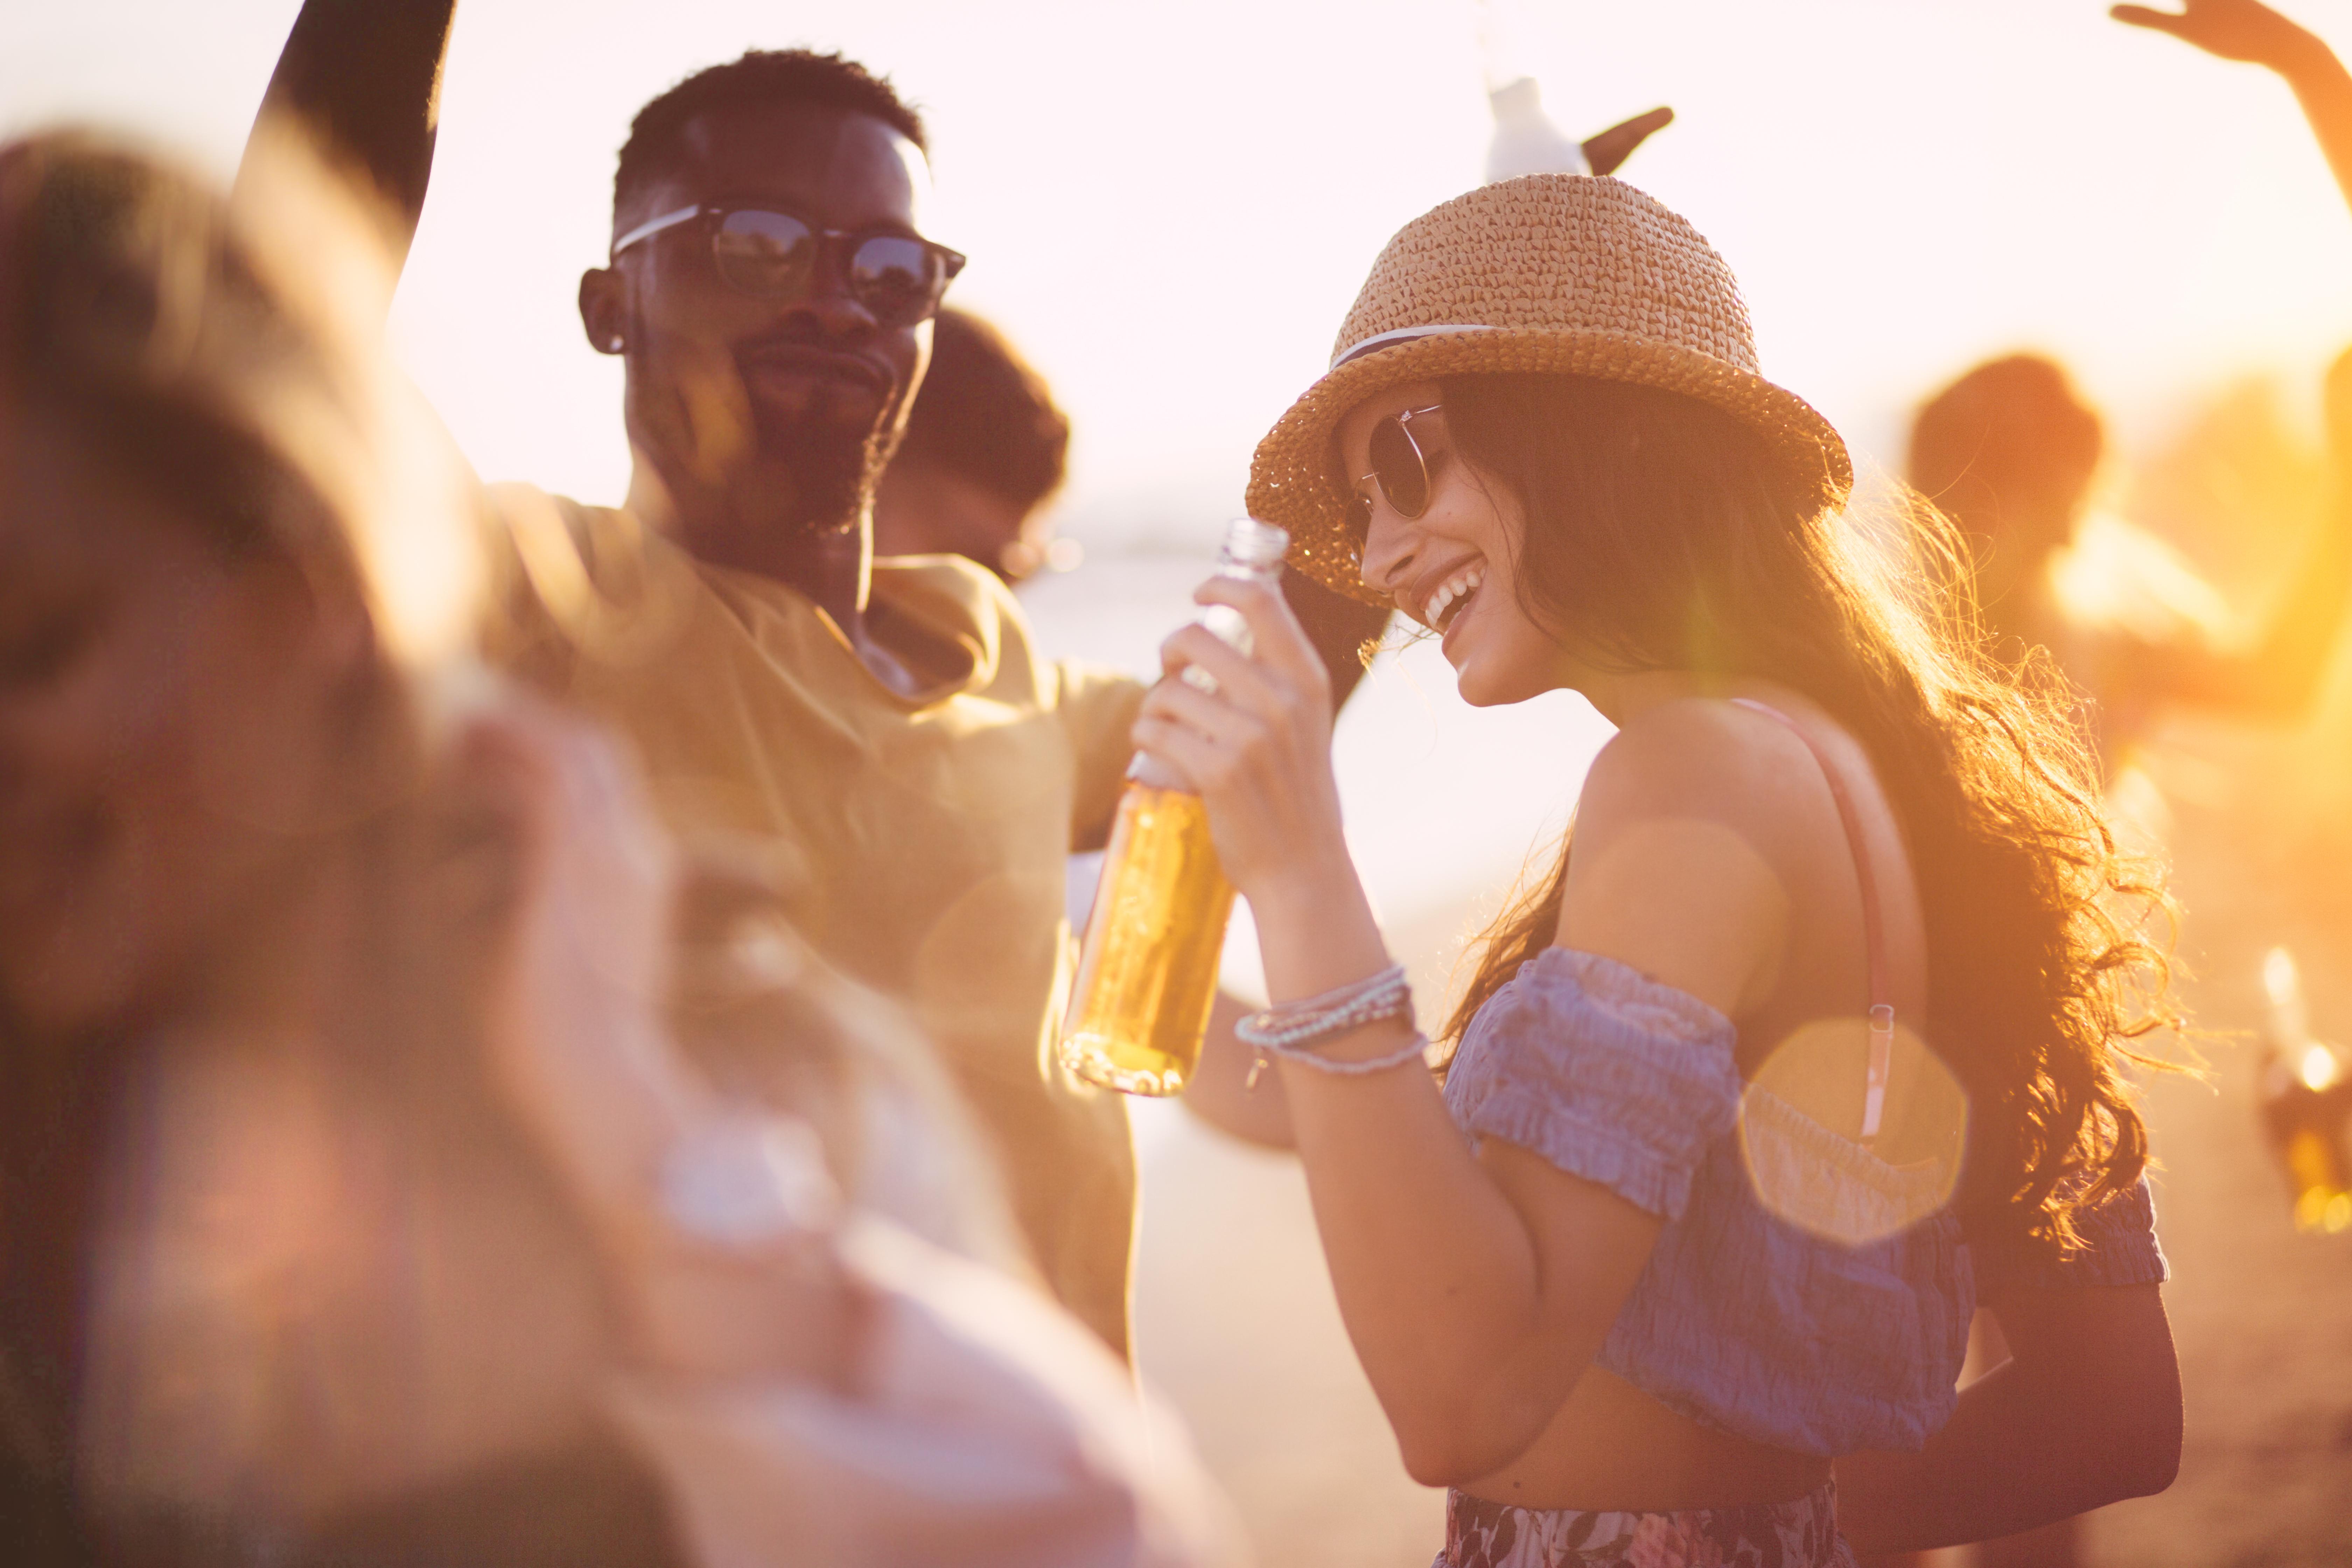 <p><strong>Дехидратация на организма</strong></p>  <p>Макар да изглежда добра идея да се разхладим със студен бира в жегата, алкохолът в нея може всъщност да ни дехидратира. А дехидратацията може да доведе до объркване, летаргия, проблеми с дишането и сърдечния ритъм.</p>